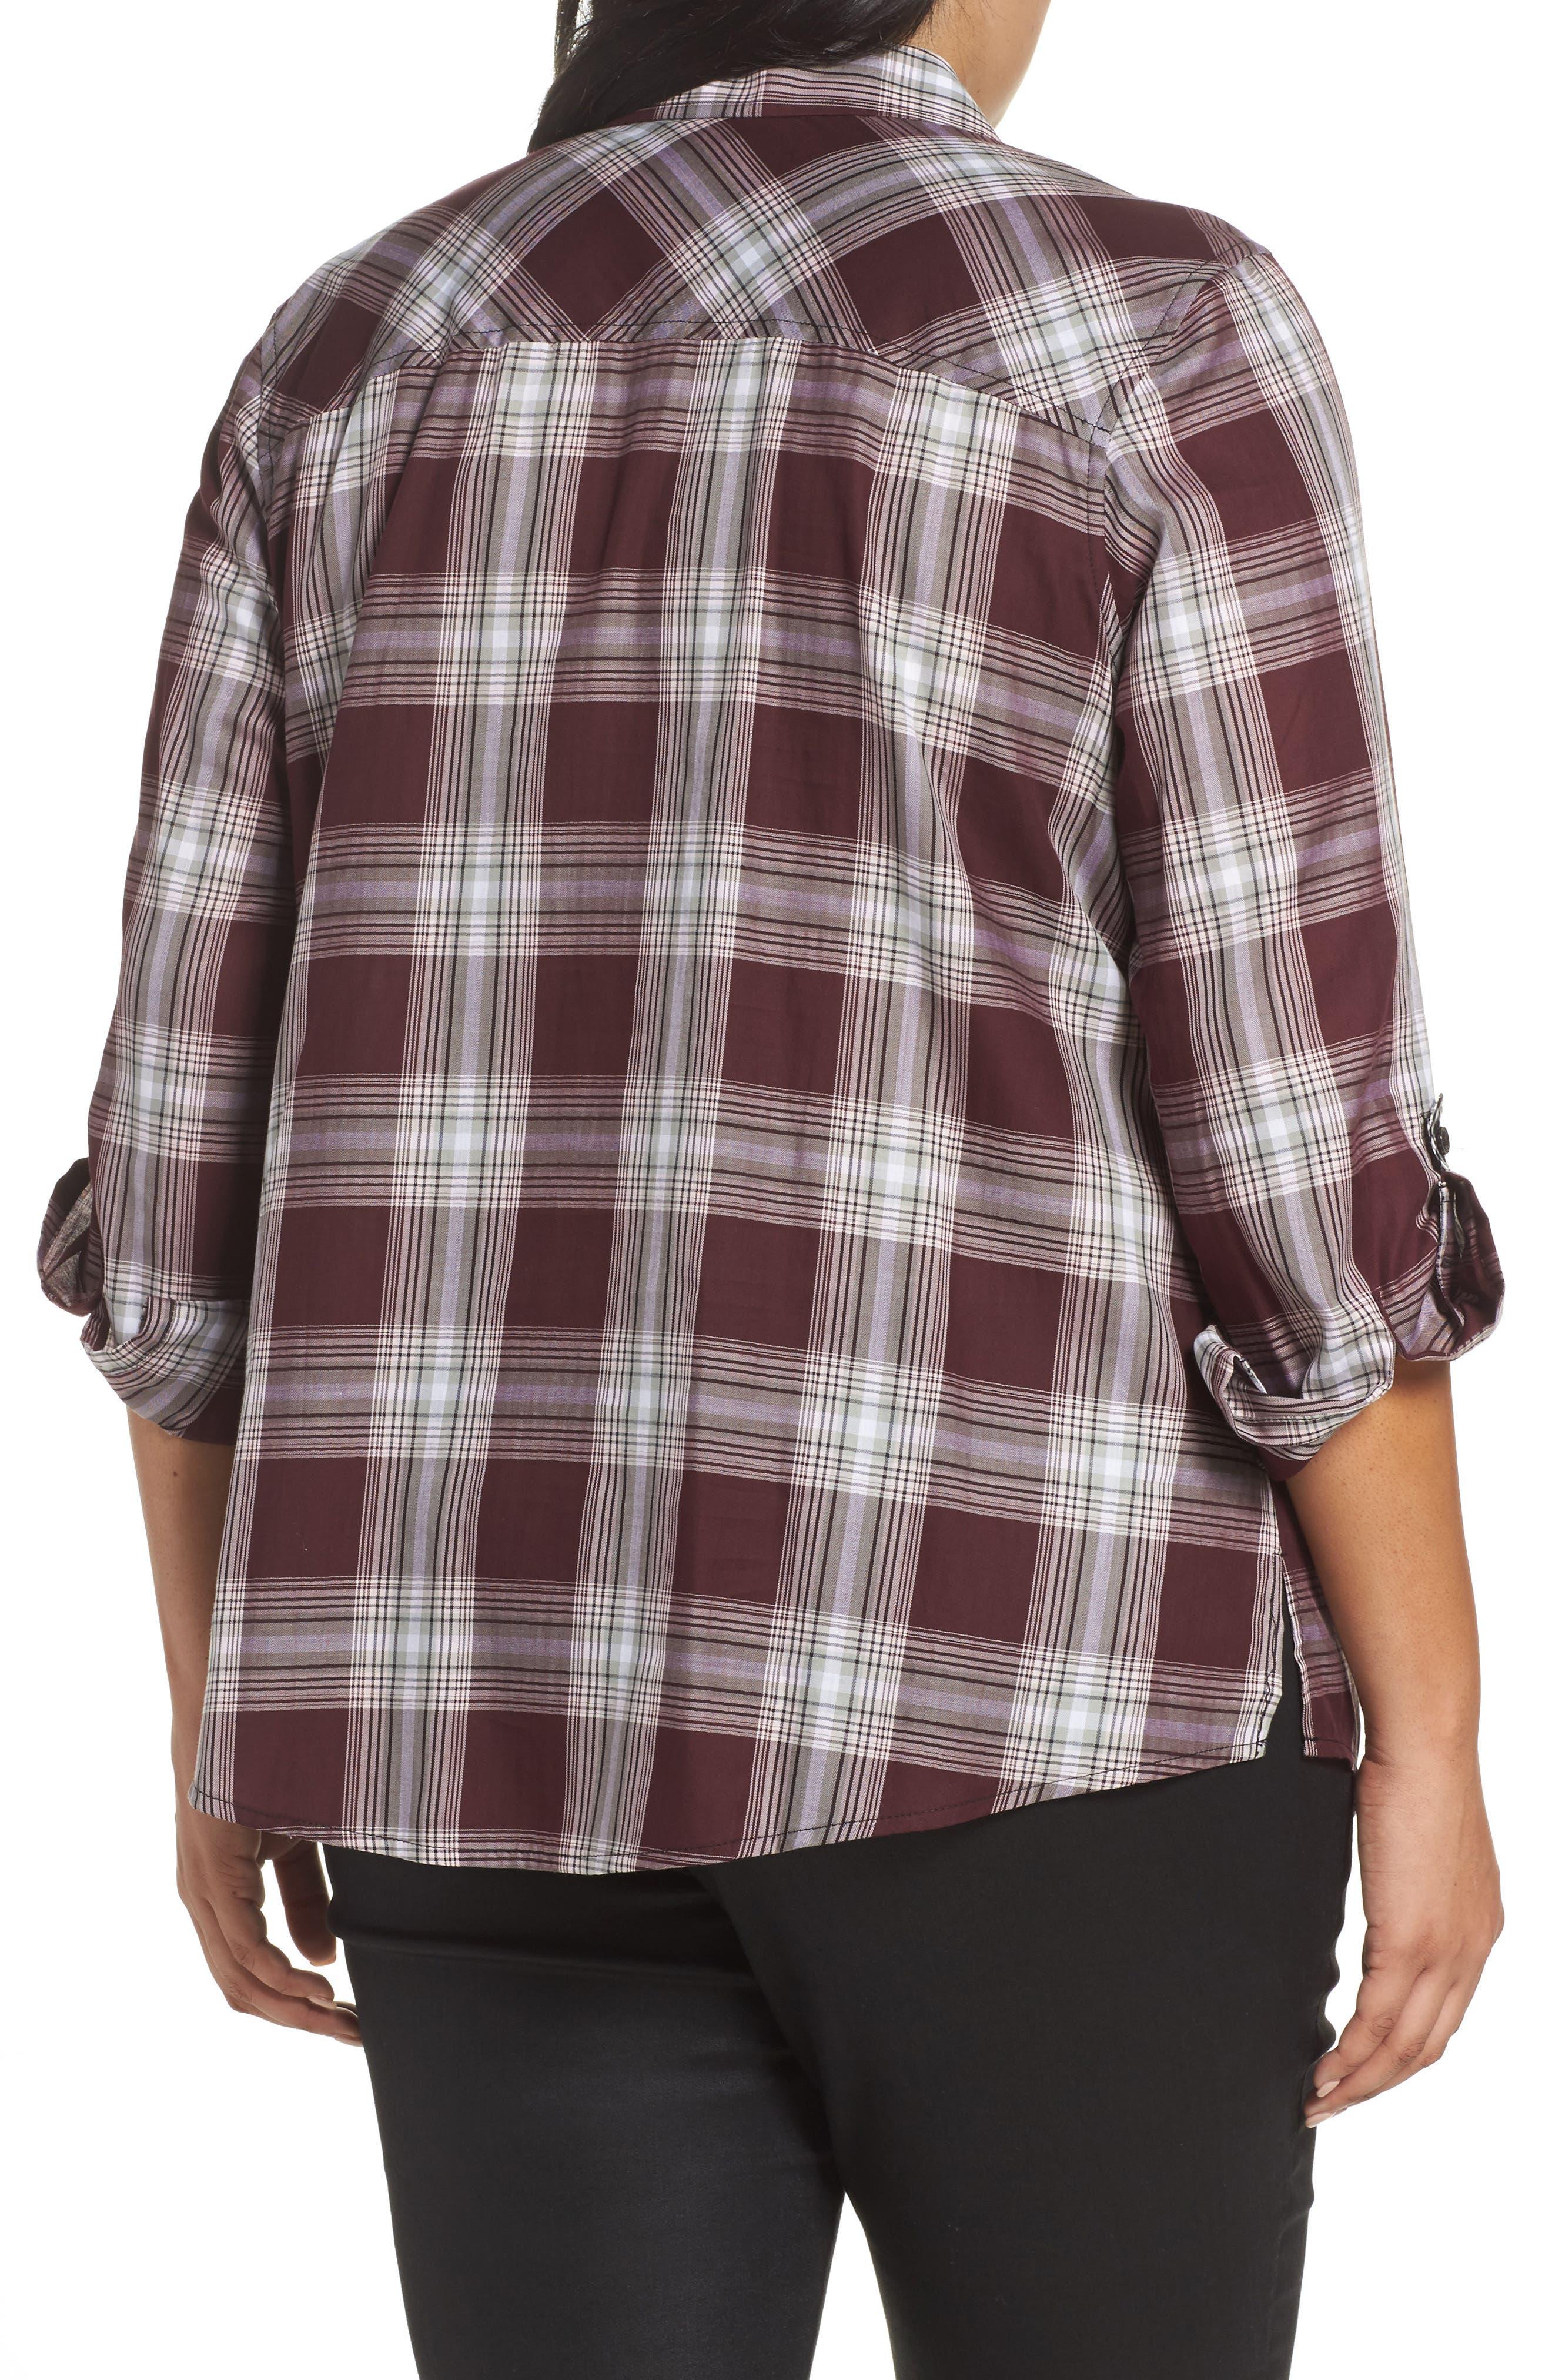 Addison Plaid Cotton Shirt,                             Alternate thumbnail 2, color,                             605